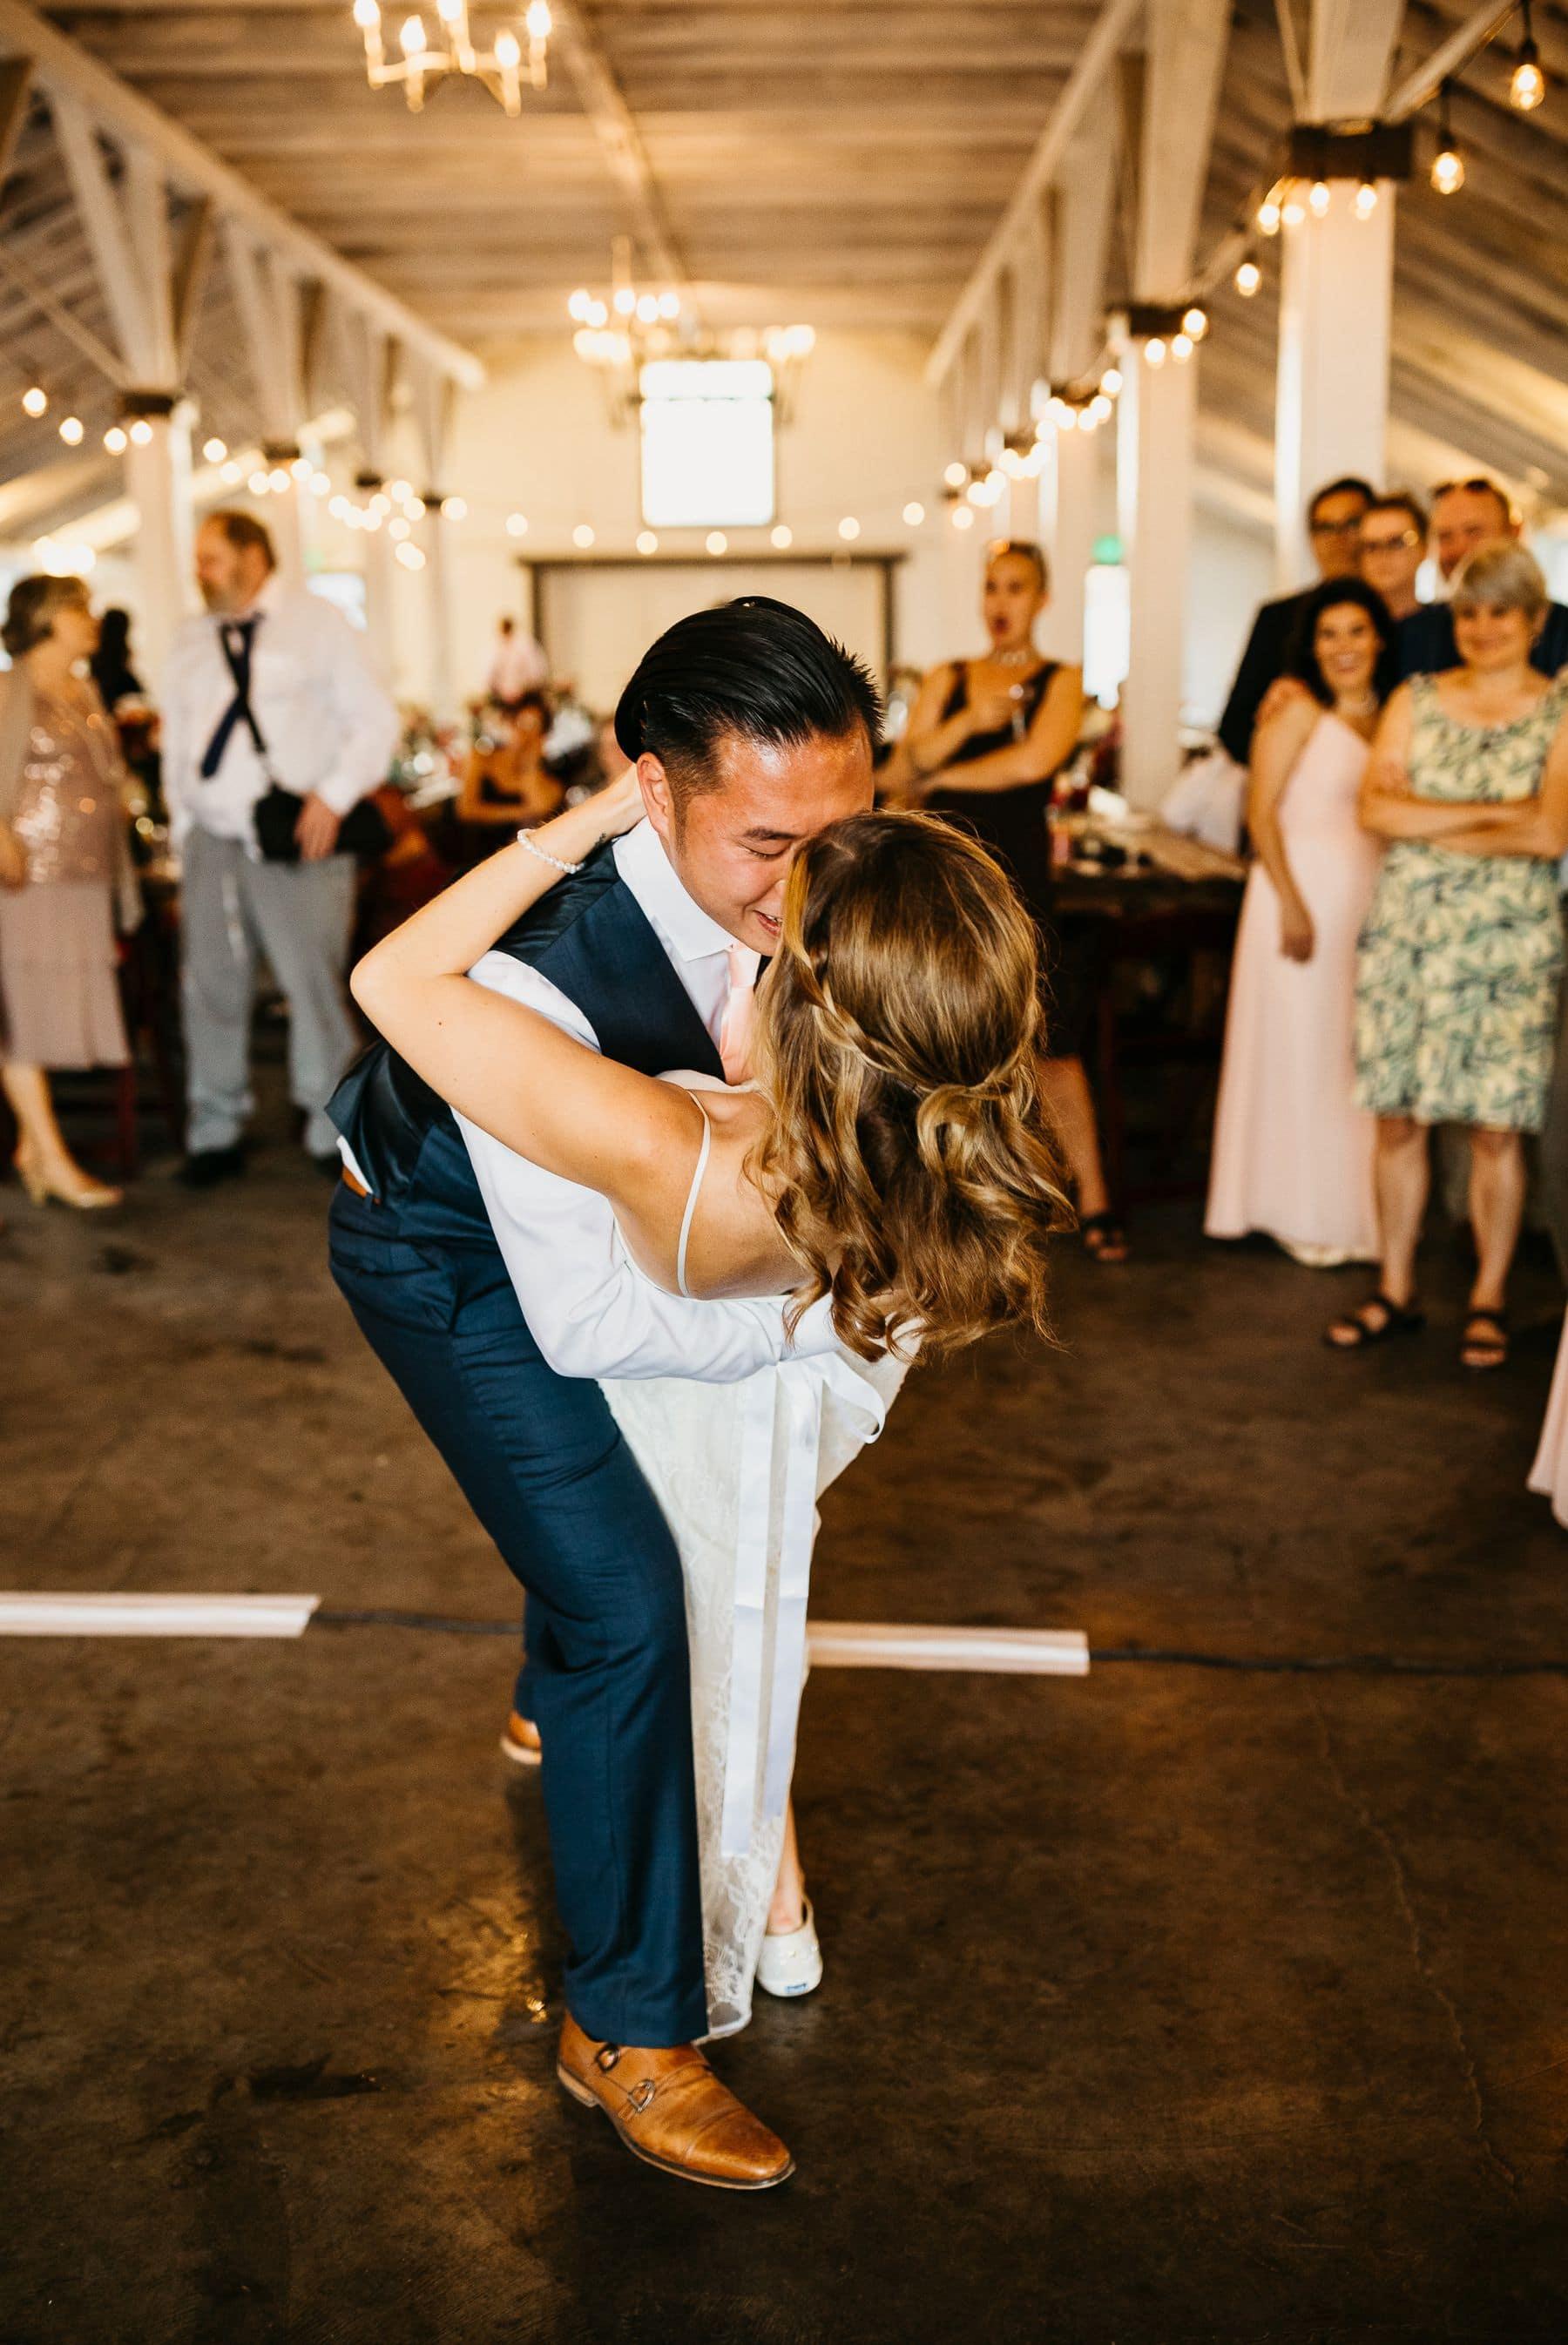 dairyland wedding first dance